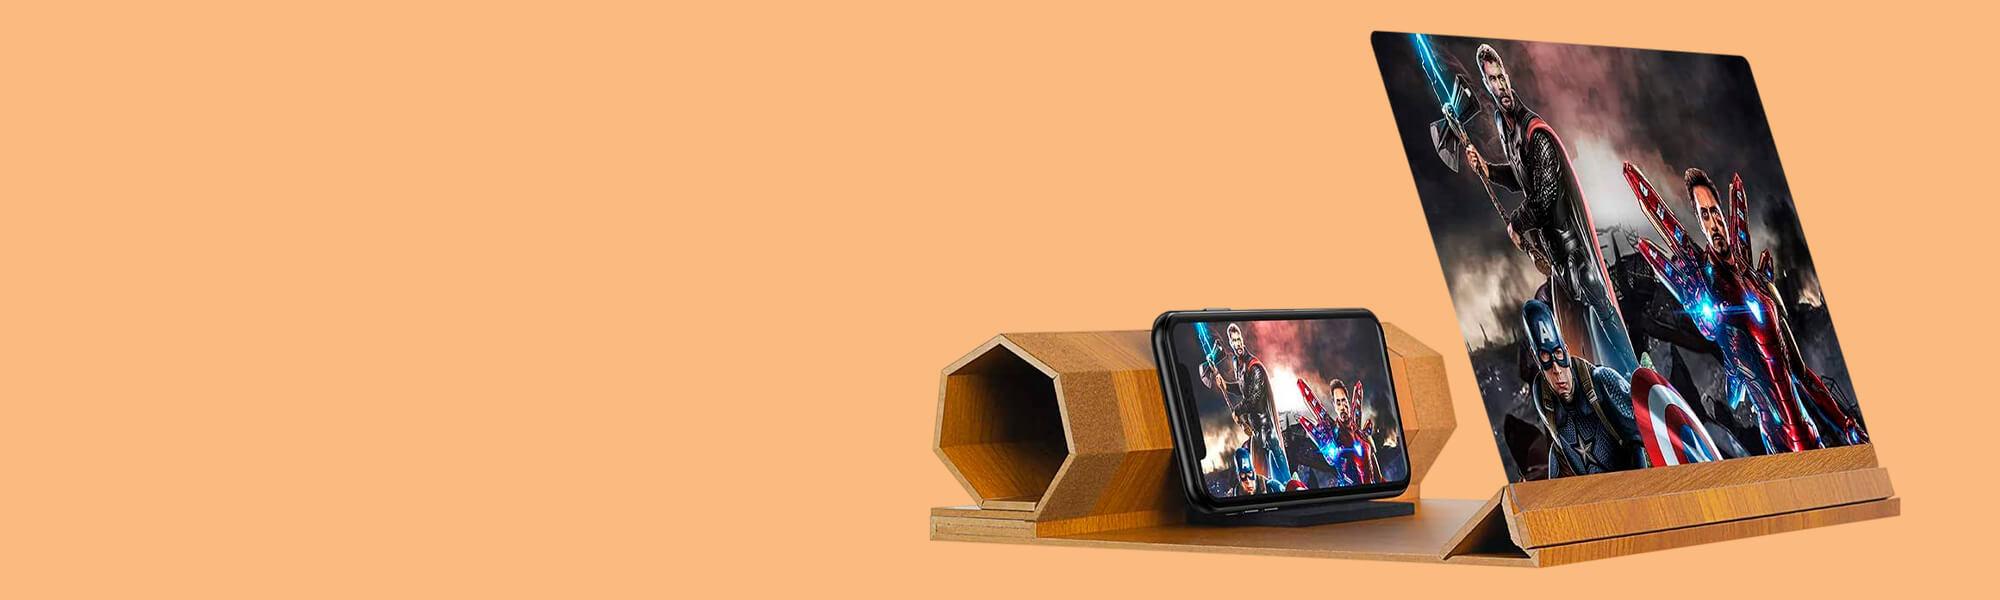 slider-projecteur-pour-smartphone-600